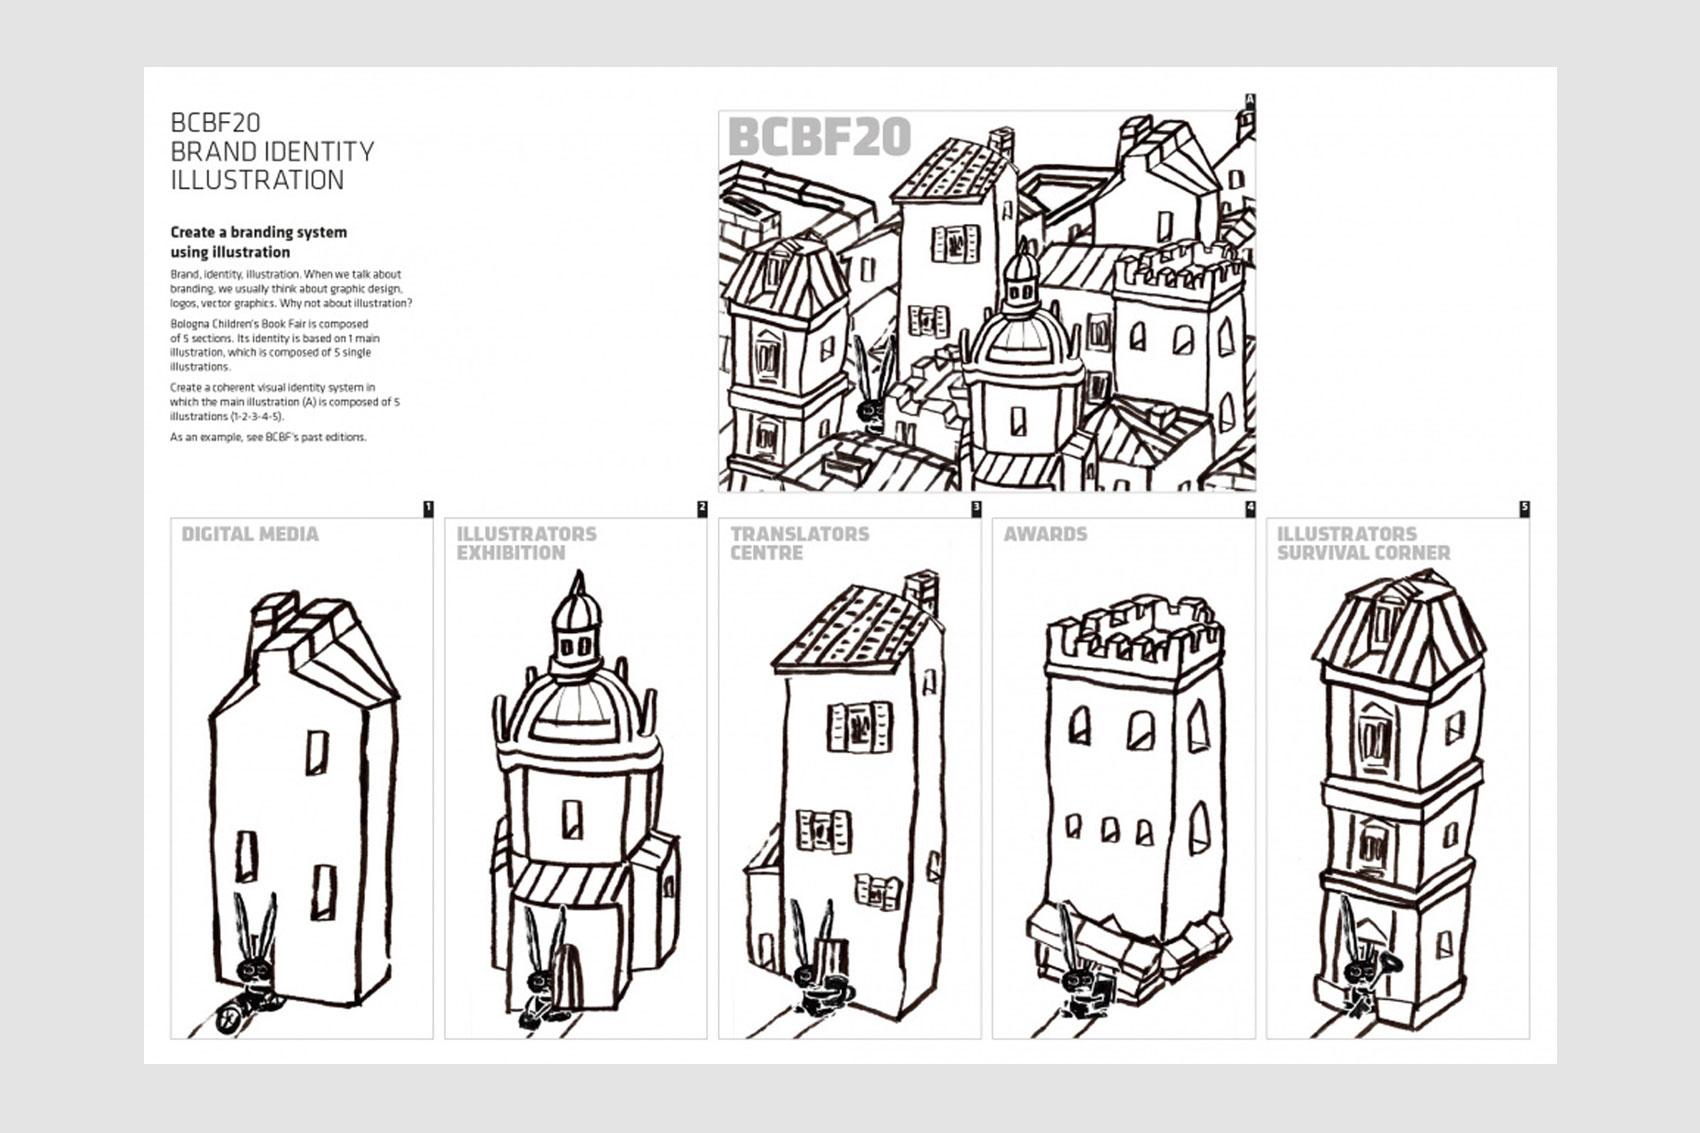 Bologna children's book fair 2020 Visual identity COMPETITION